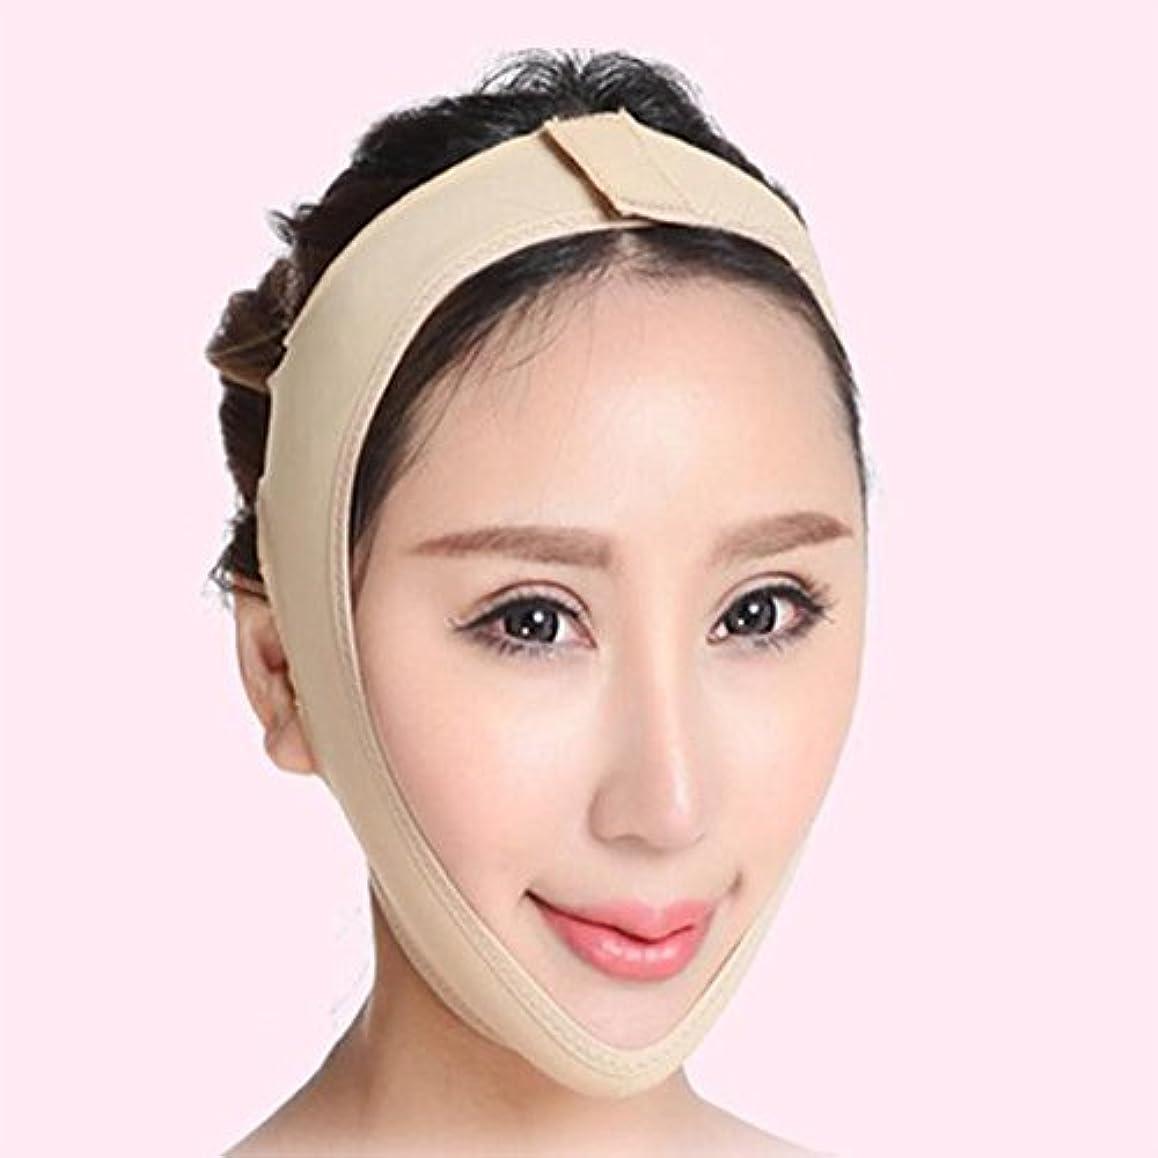 含む寛大な好奇心盛SD 小顔 小顔マスク リフトアップ マスク フェイスライン 矯正 あご シャープ メンズ レディース Sサイズ AZD15003-S